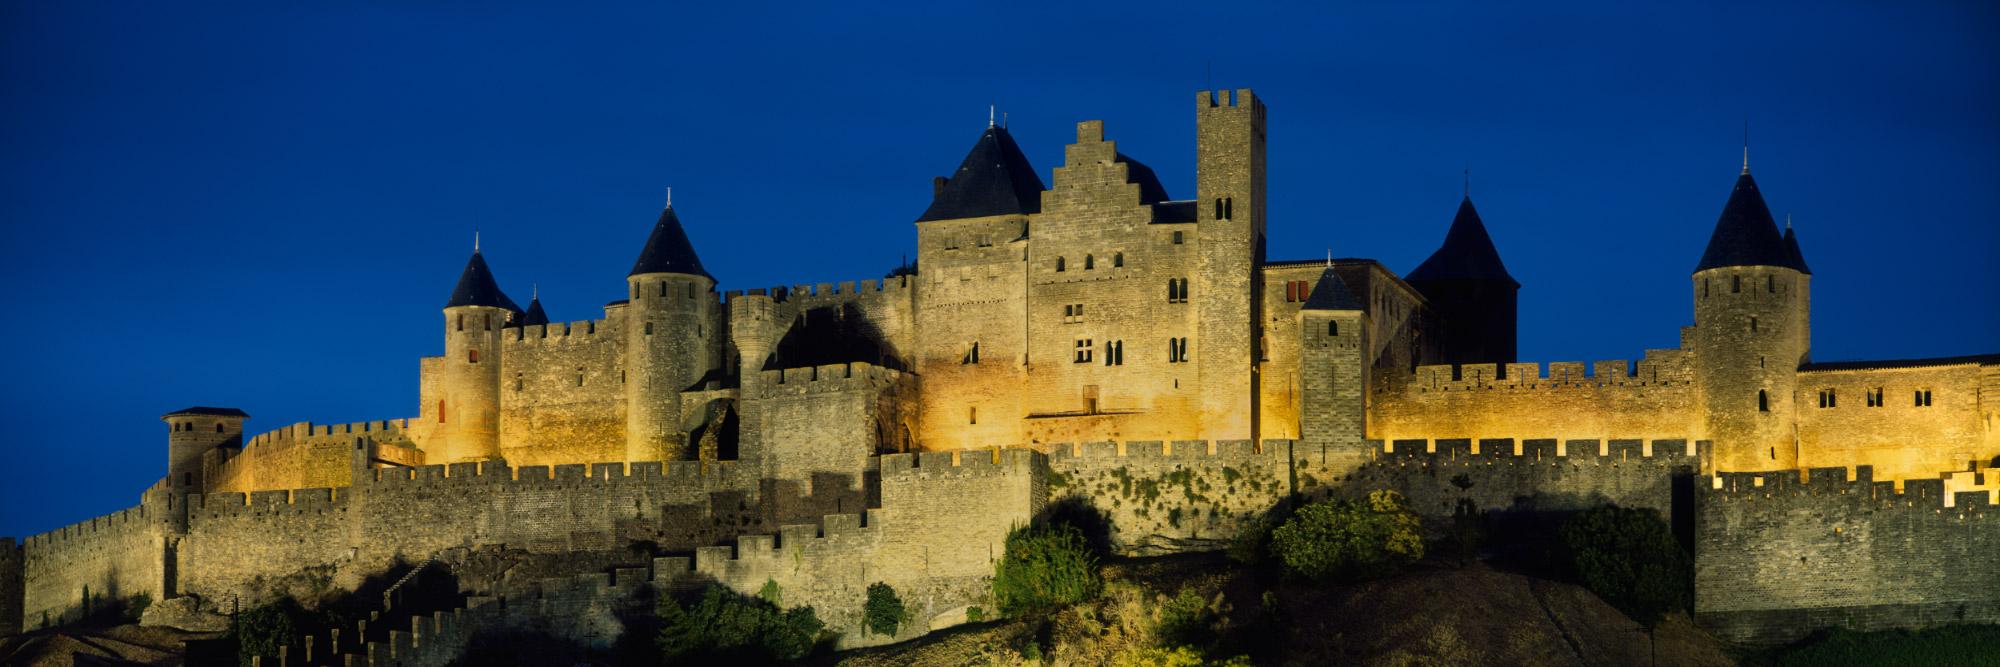 Cité de Carcassonne, Pays Cathare